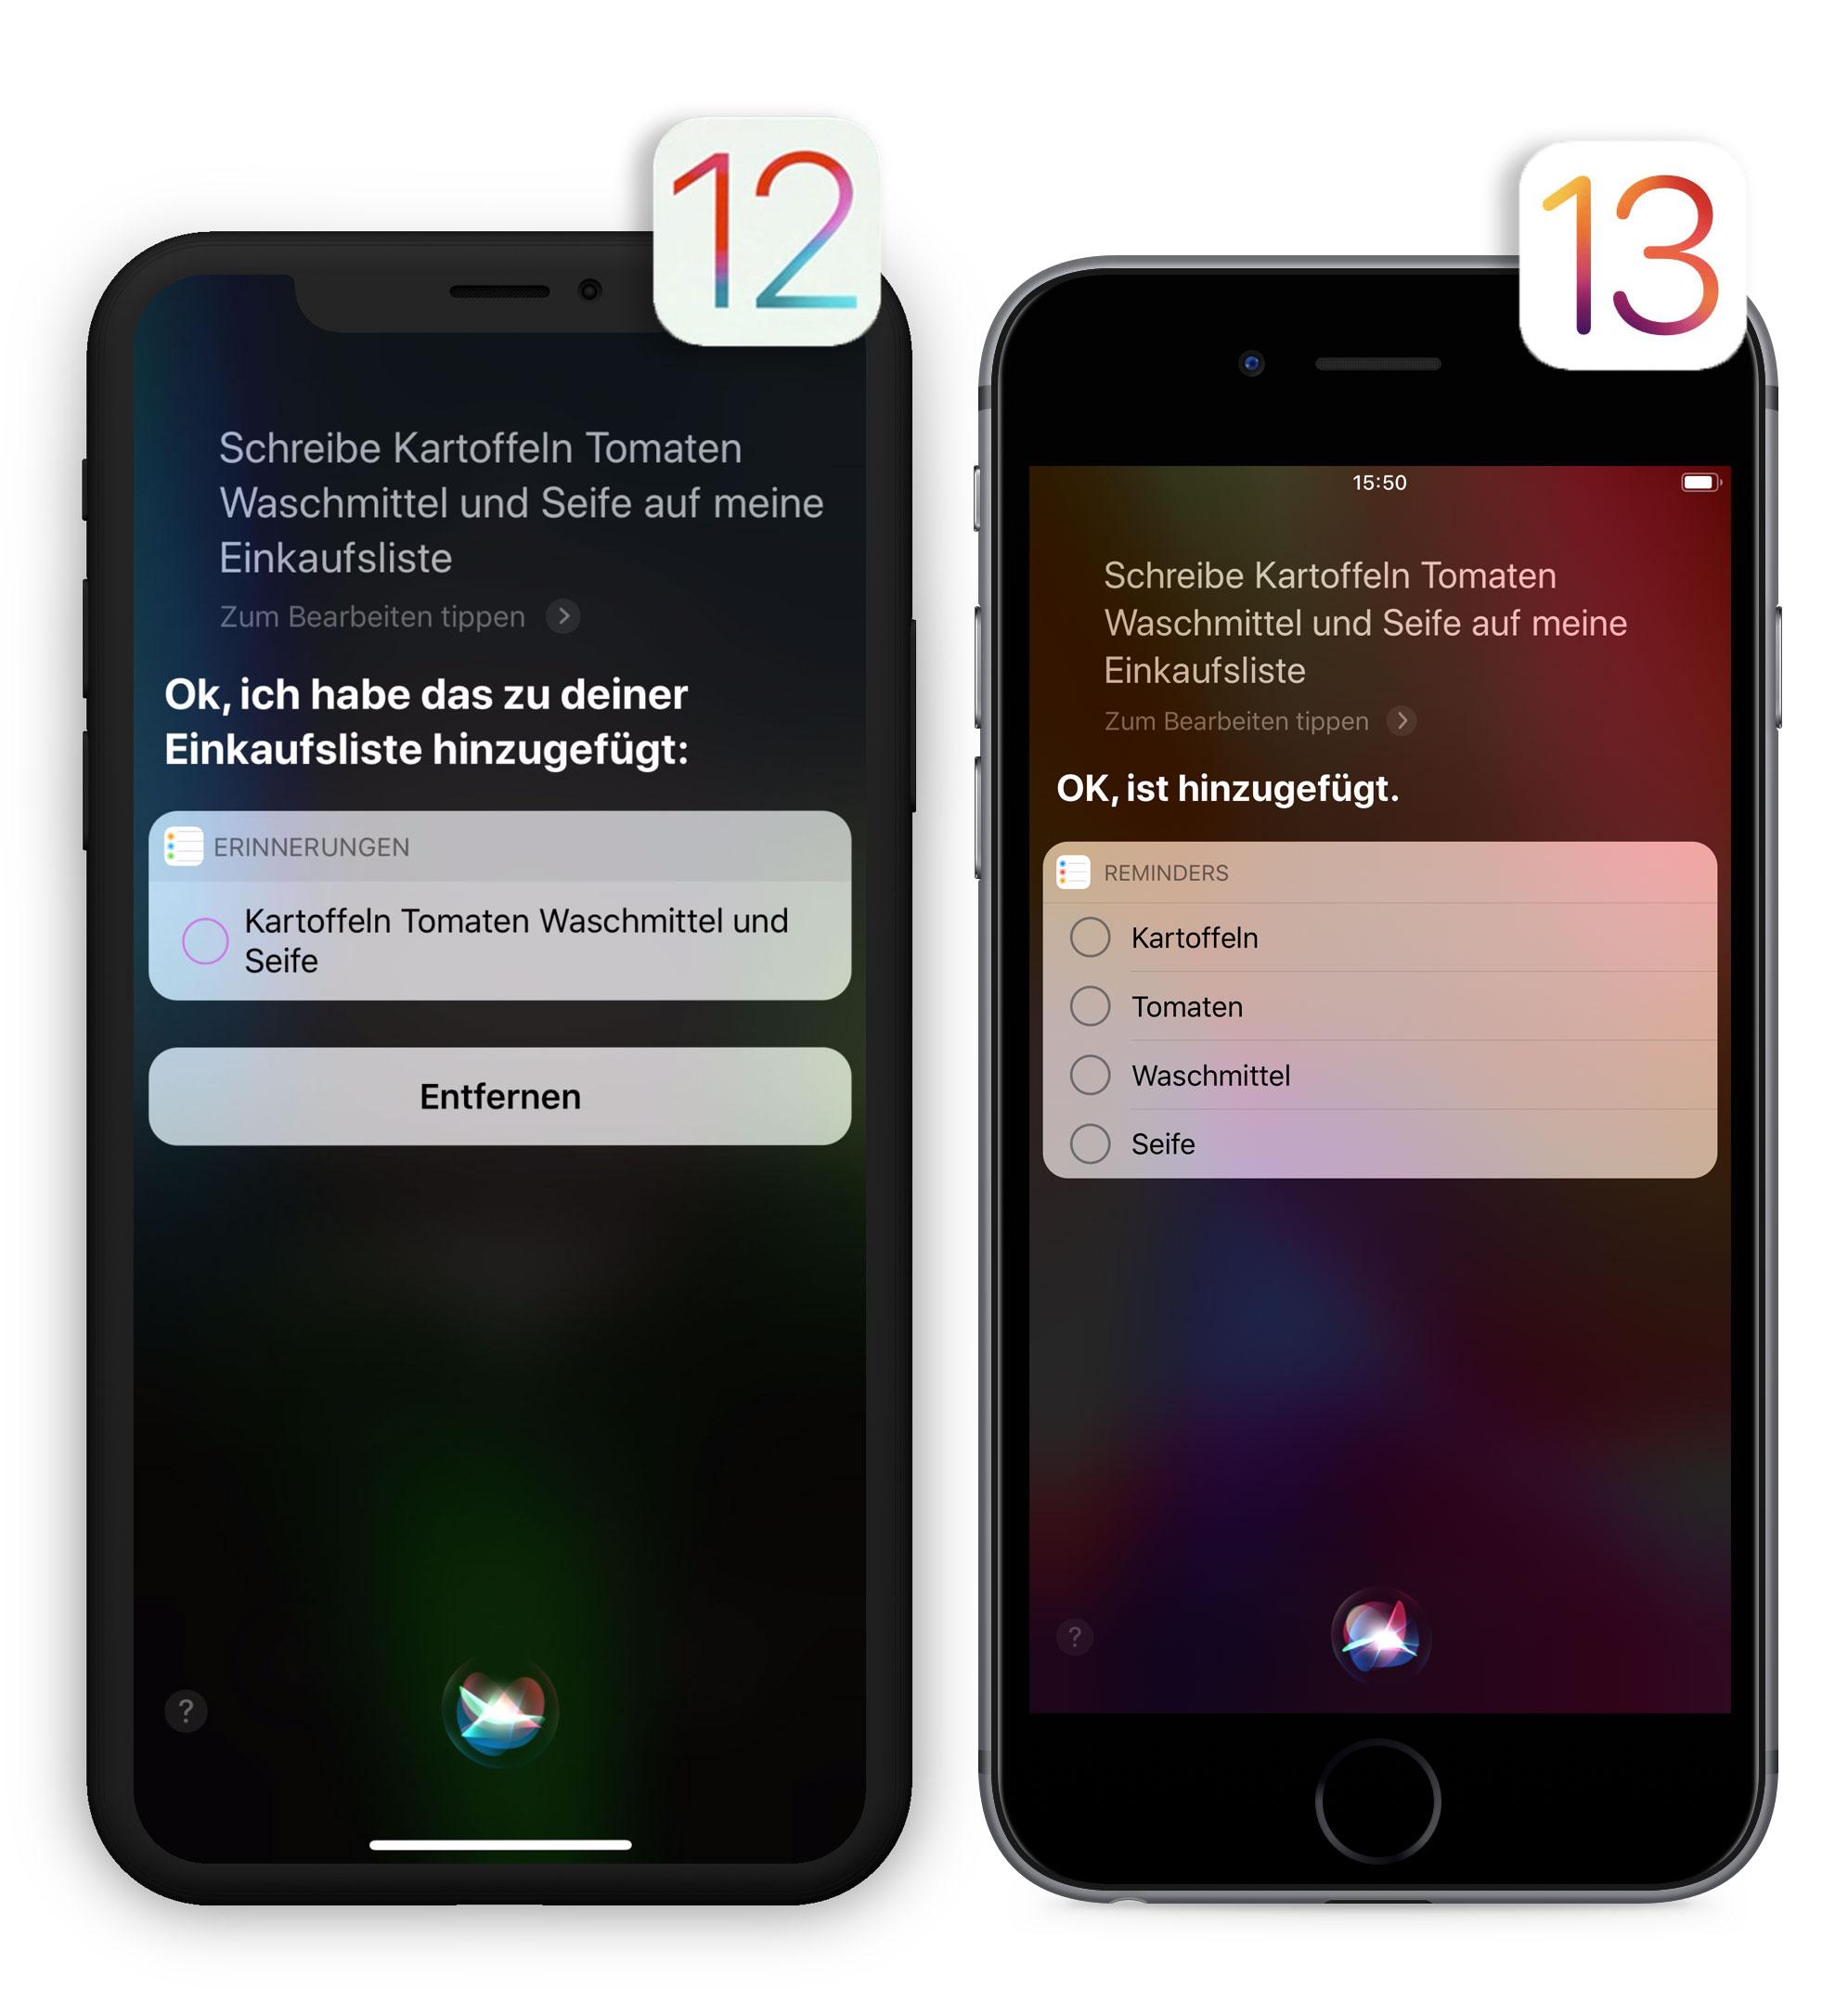 Siri Einkaufsliste Vergleich Ios13